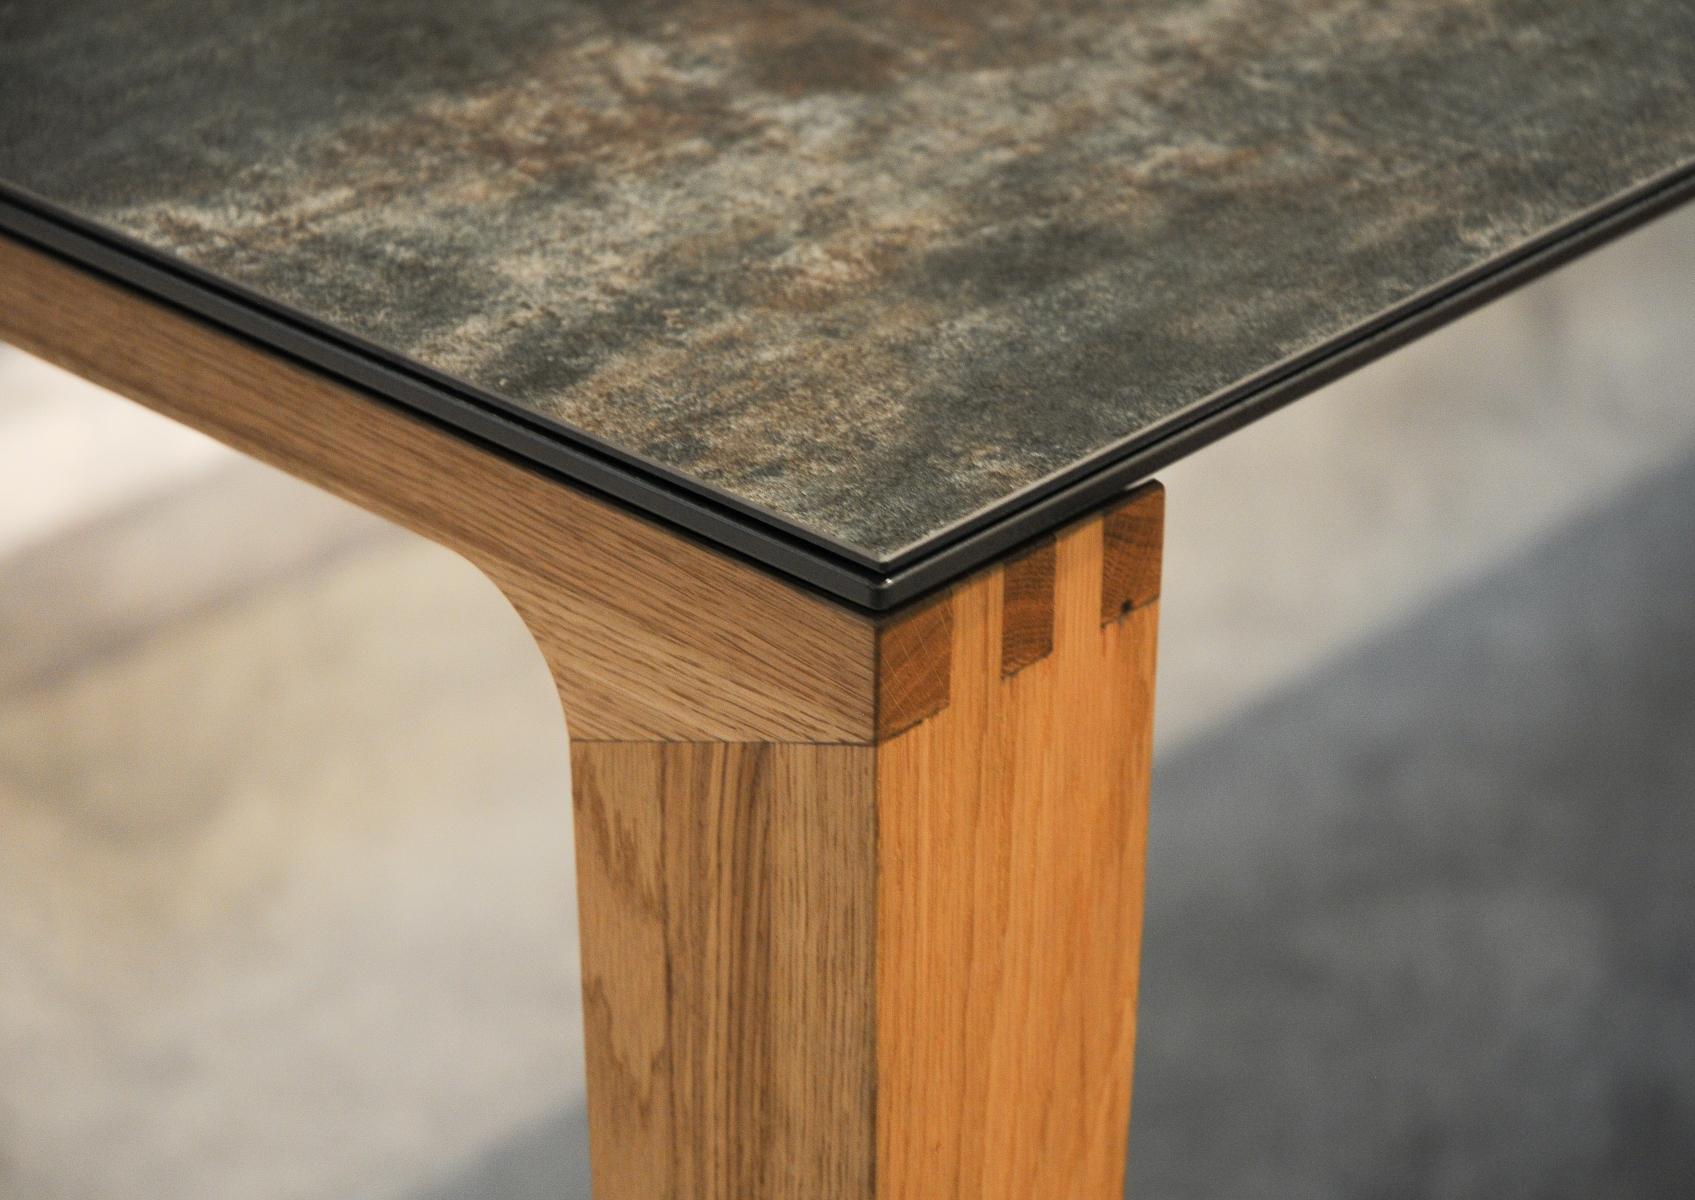 Pourquoi une table en céramique? | Boschung Möbel AG